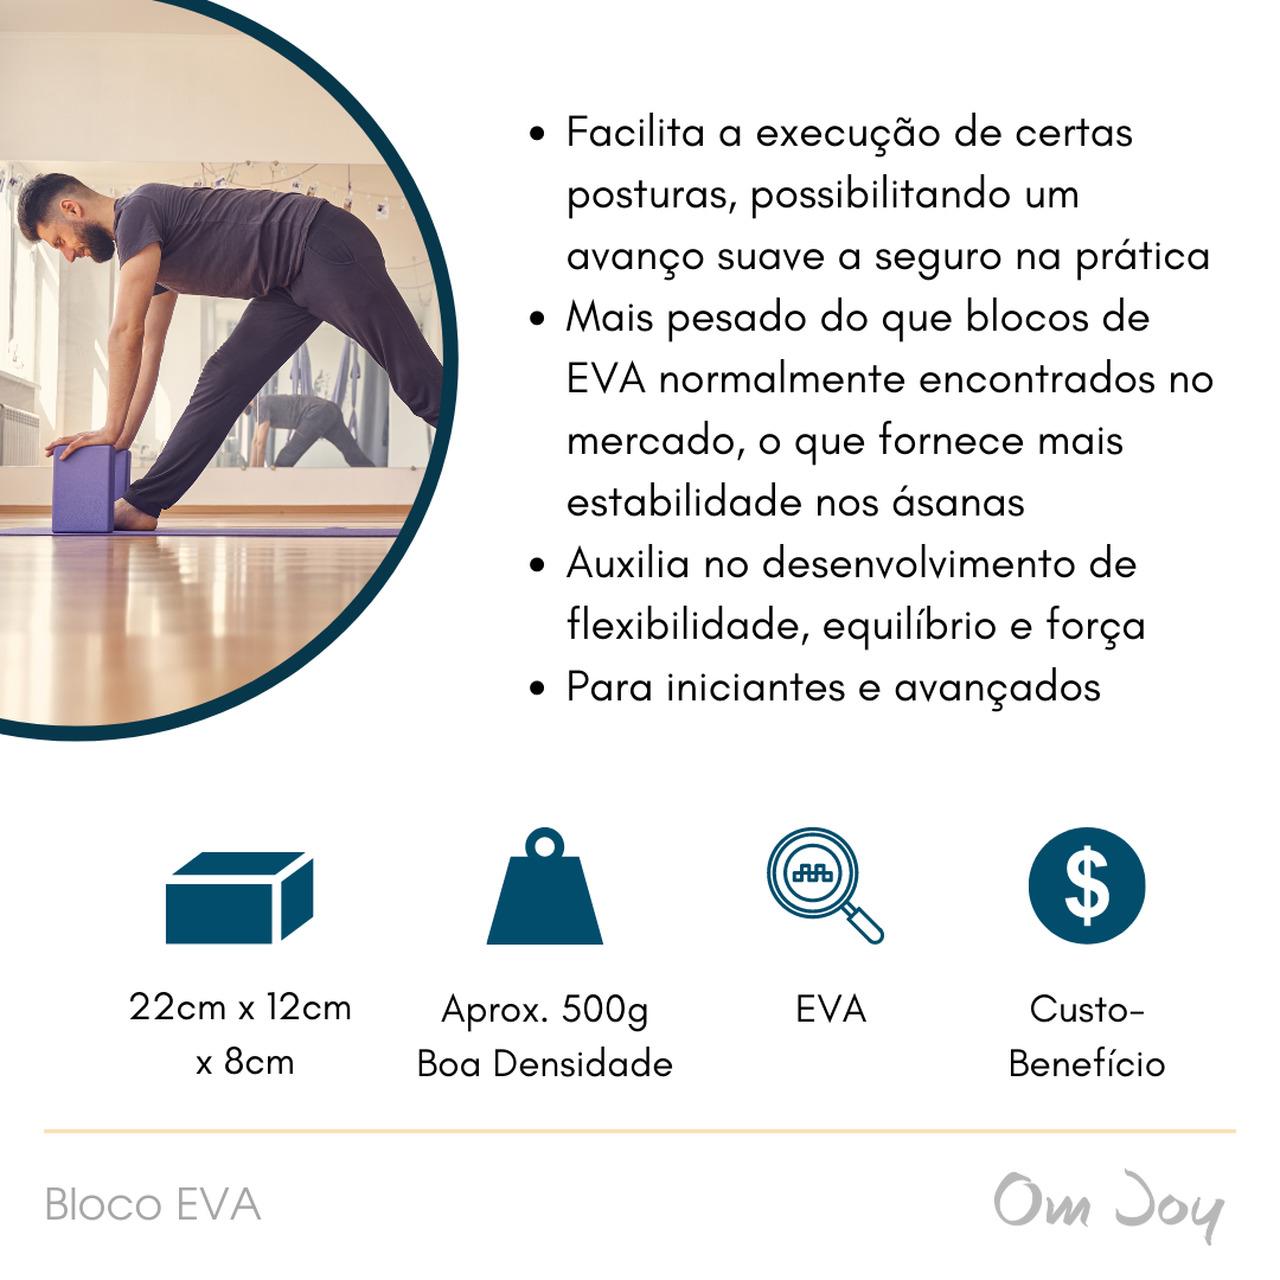 Kit + Yoga: 2 blocos EVA  com Cinto de Alongamento (200cm)